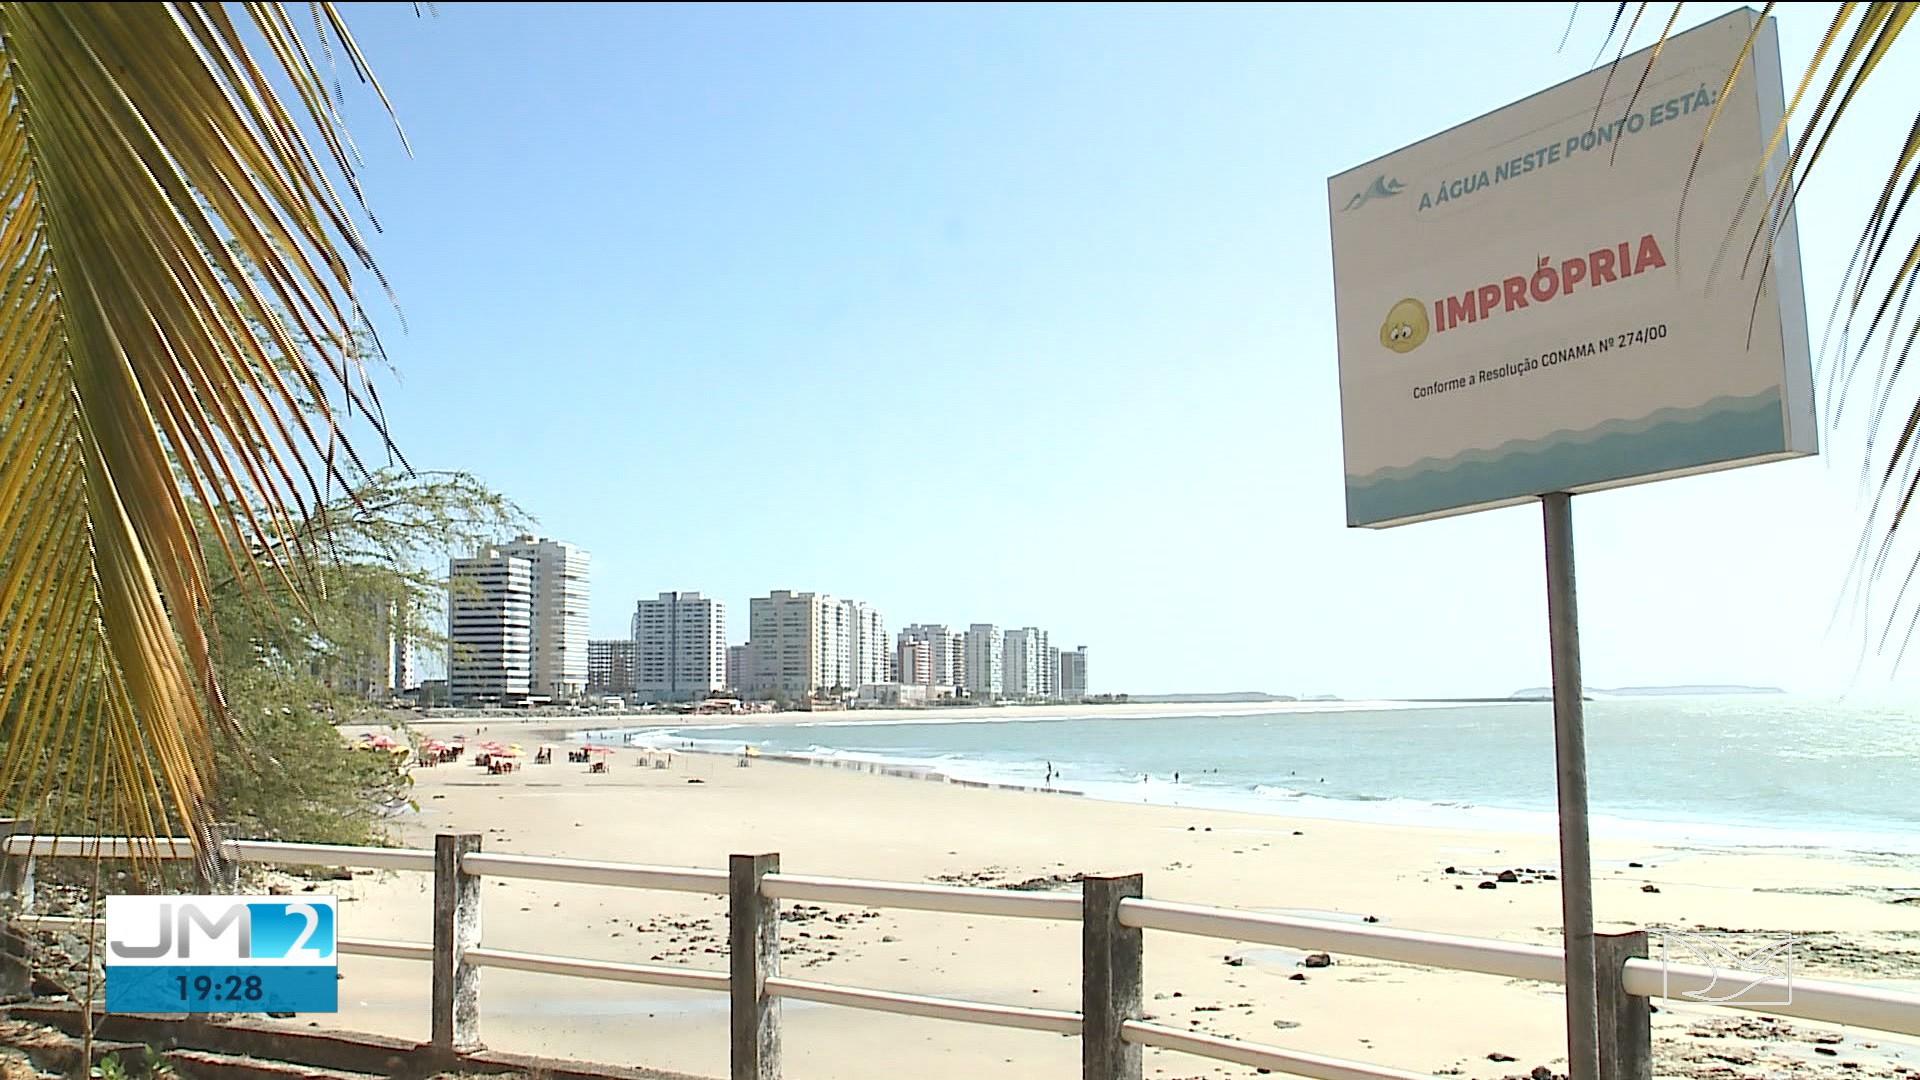 Pela 13° semana consecutiva, praias da Grande São Luís continuam impróprias para banho